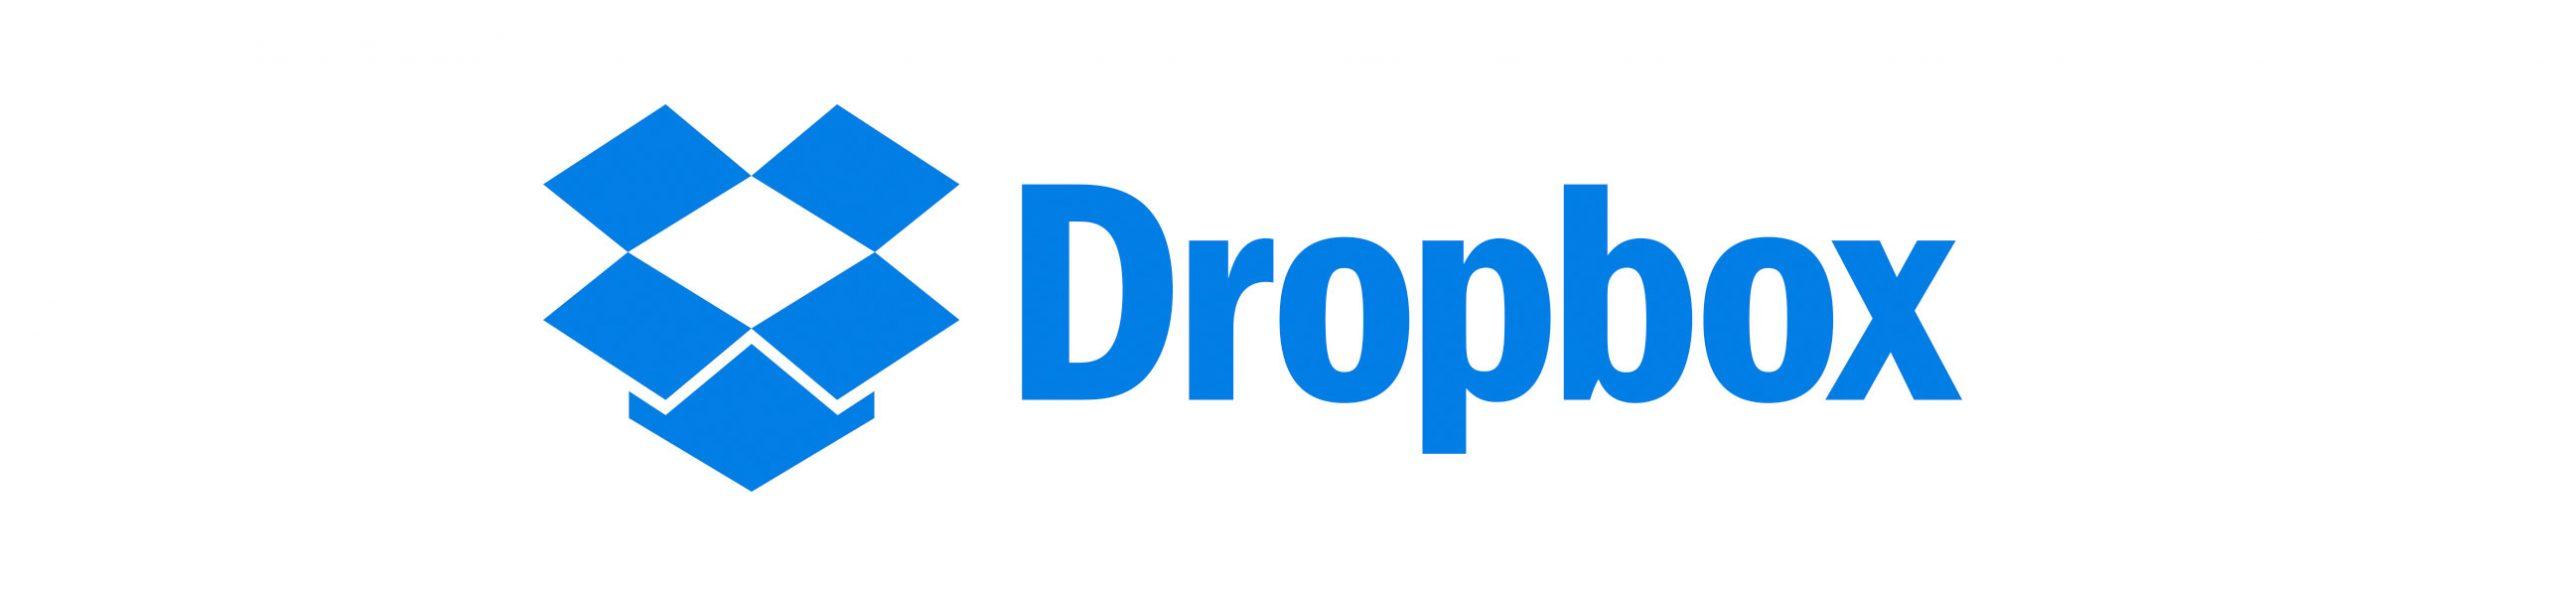 Ferramentas de gestão empresarial: Dropbox